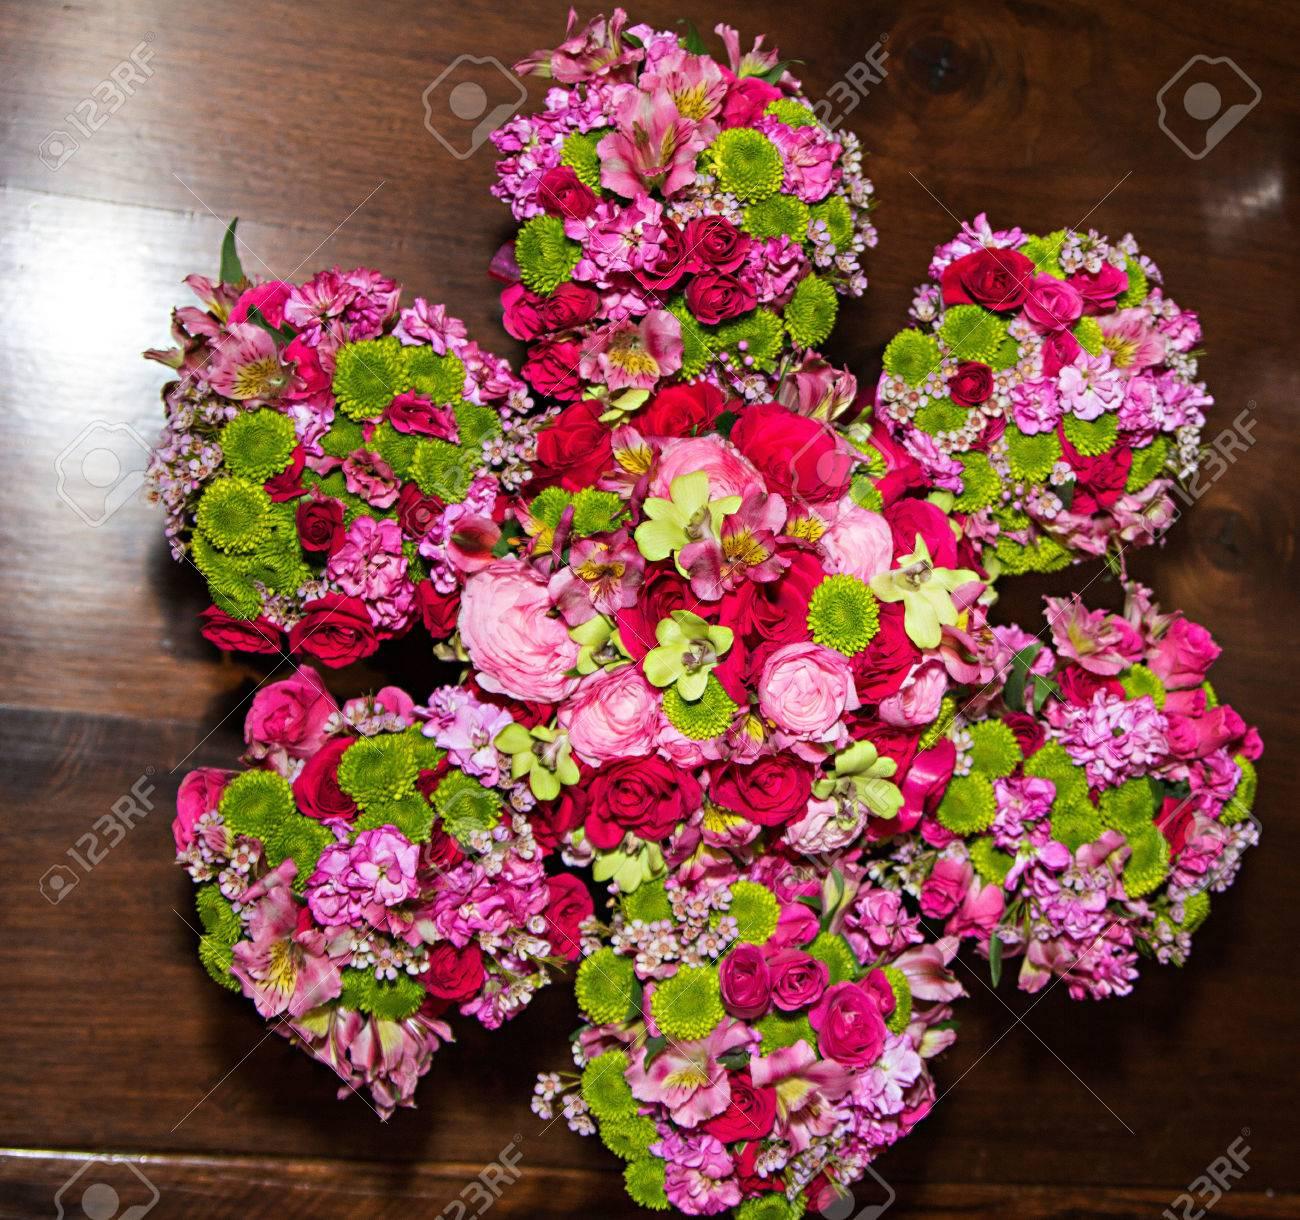 Ramos De Flores De Colores De Las Flores Son Una Tradicion En - Fotos-ramos-de-flores